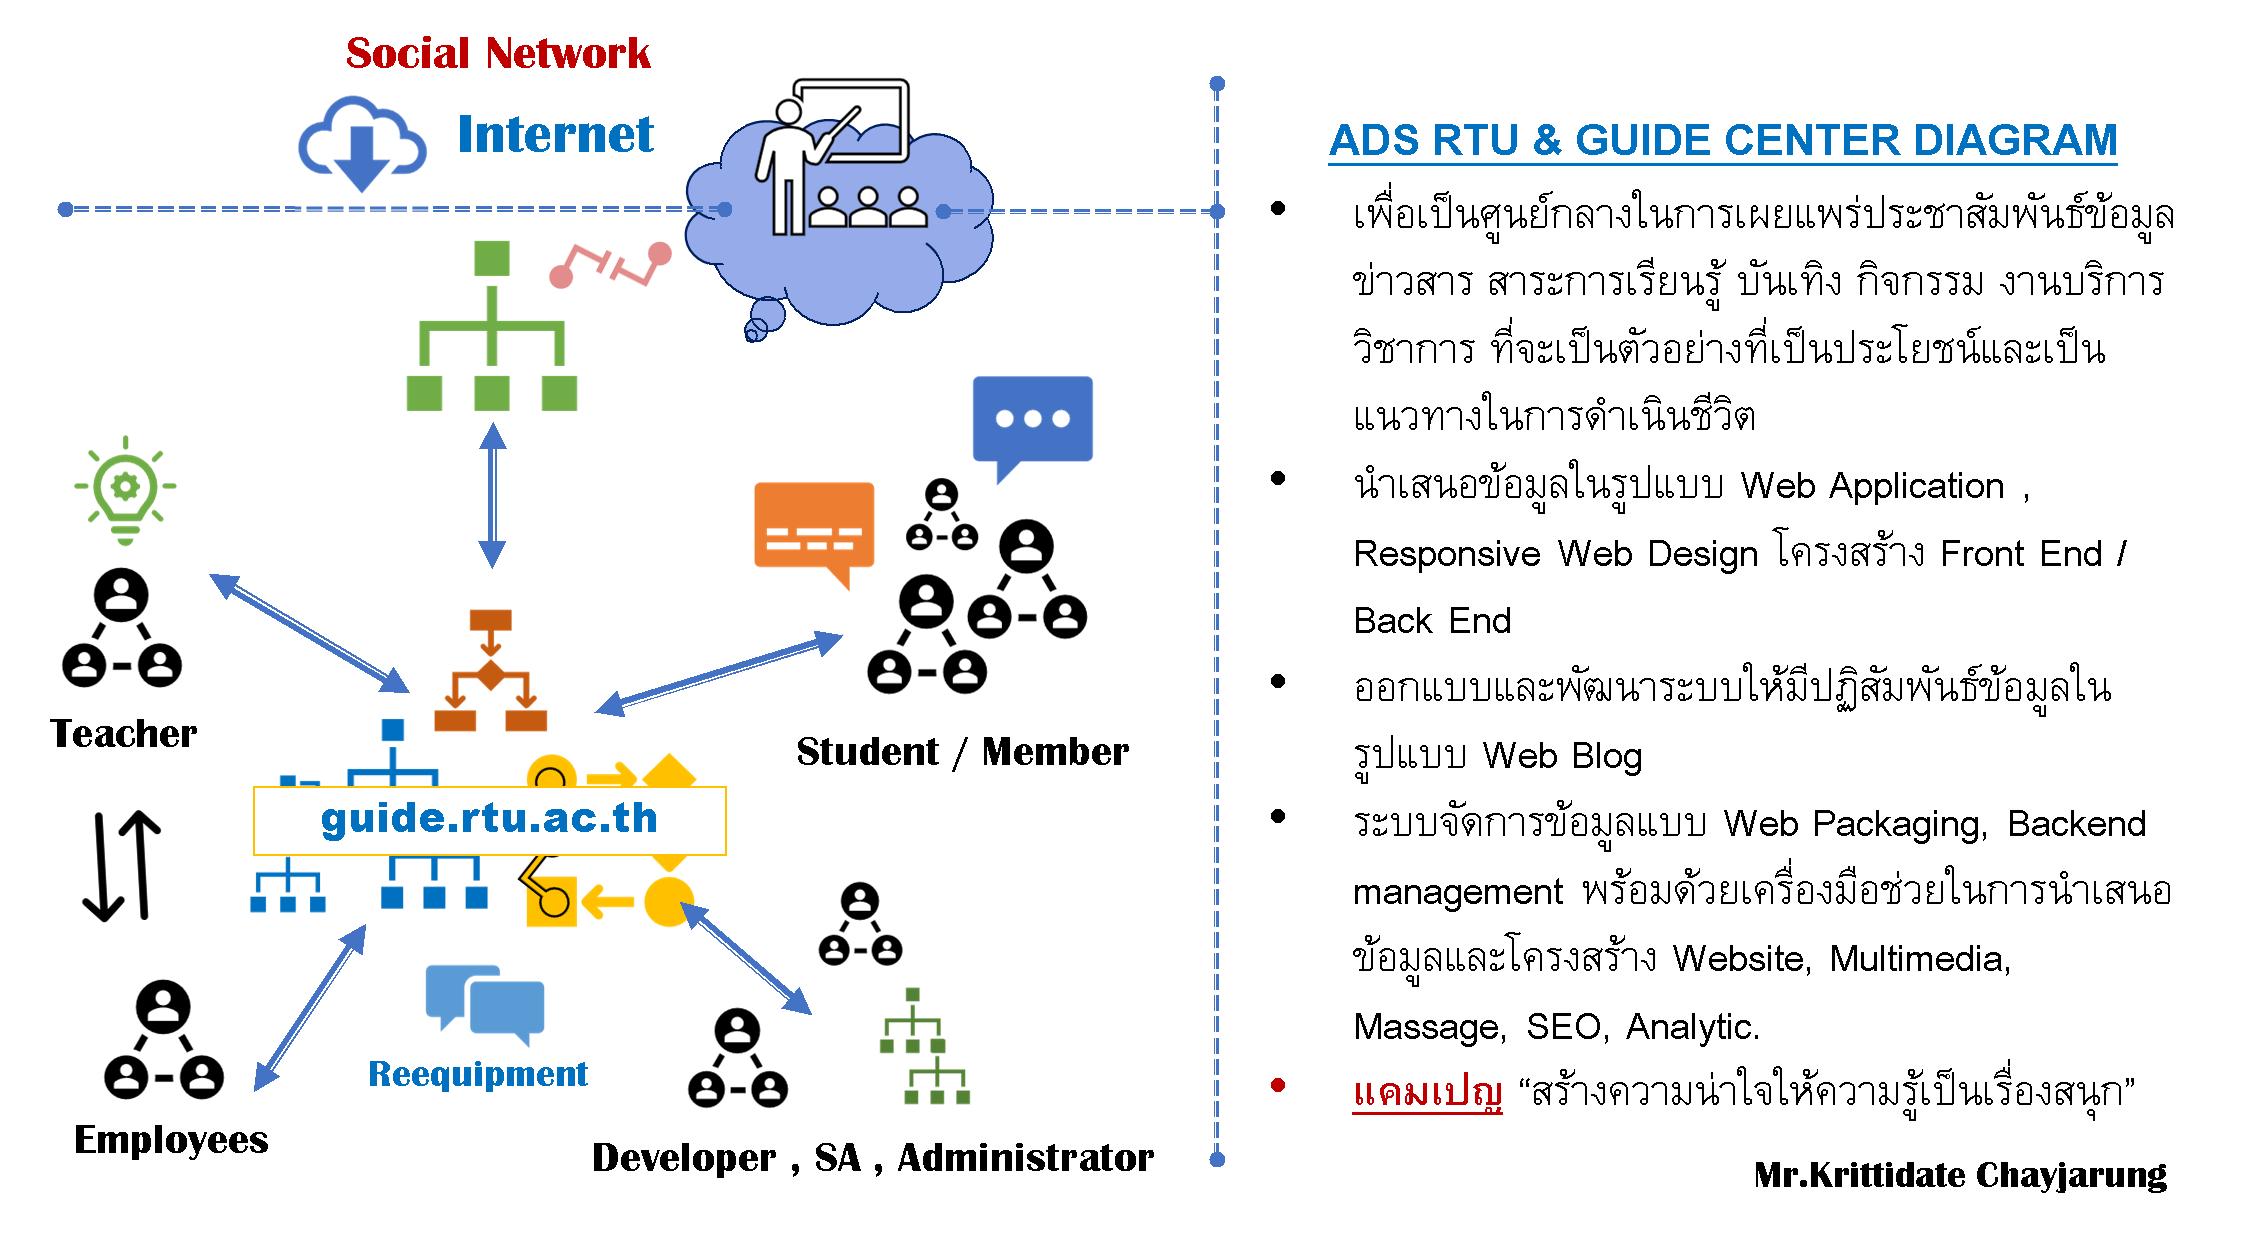 seo model 2